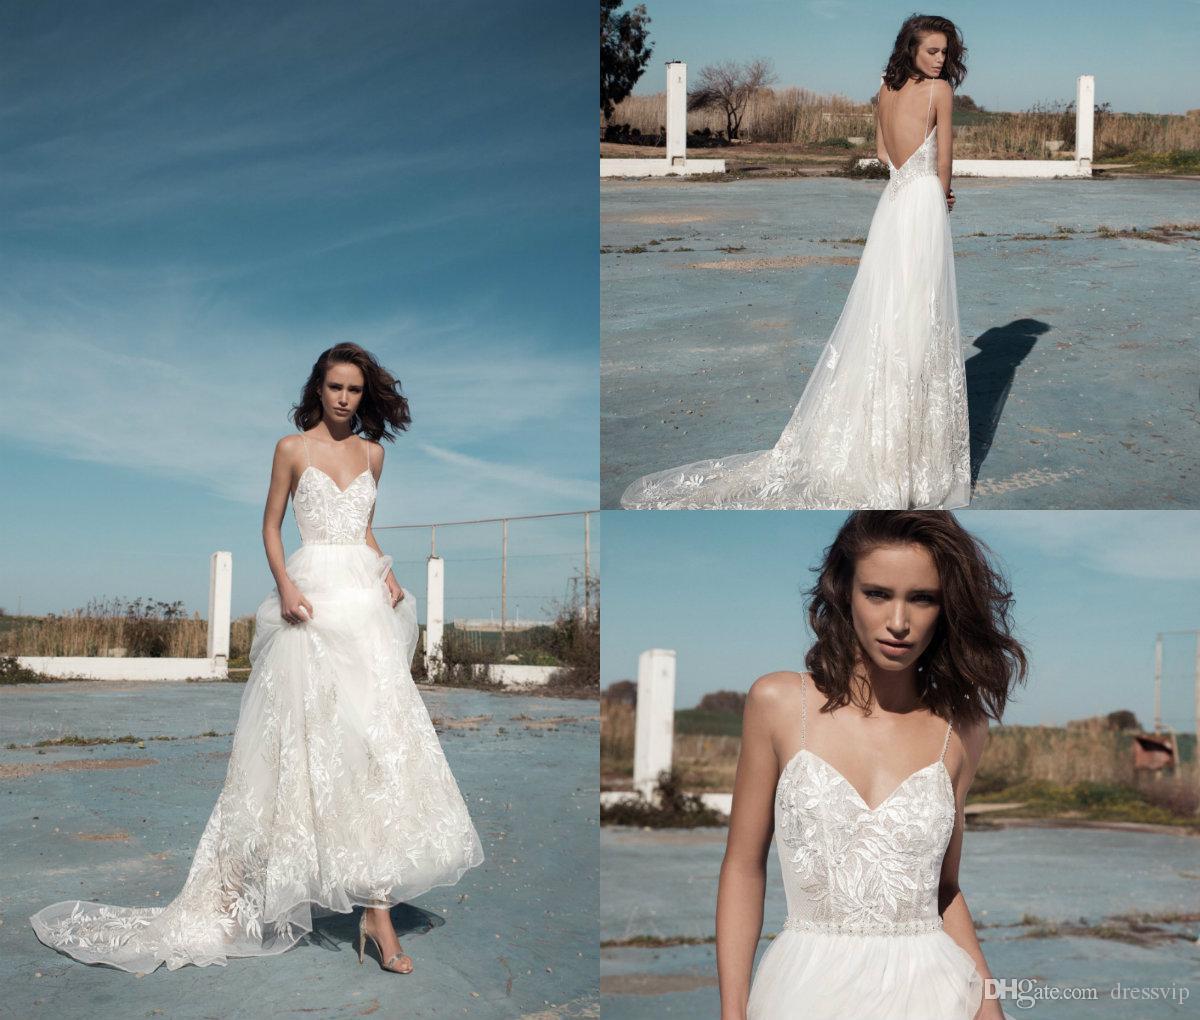 Tolle Vestido Novia Playa Bilder - Brautkleider Ideen ...